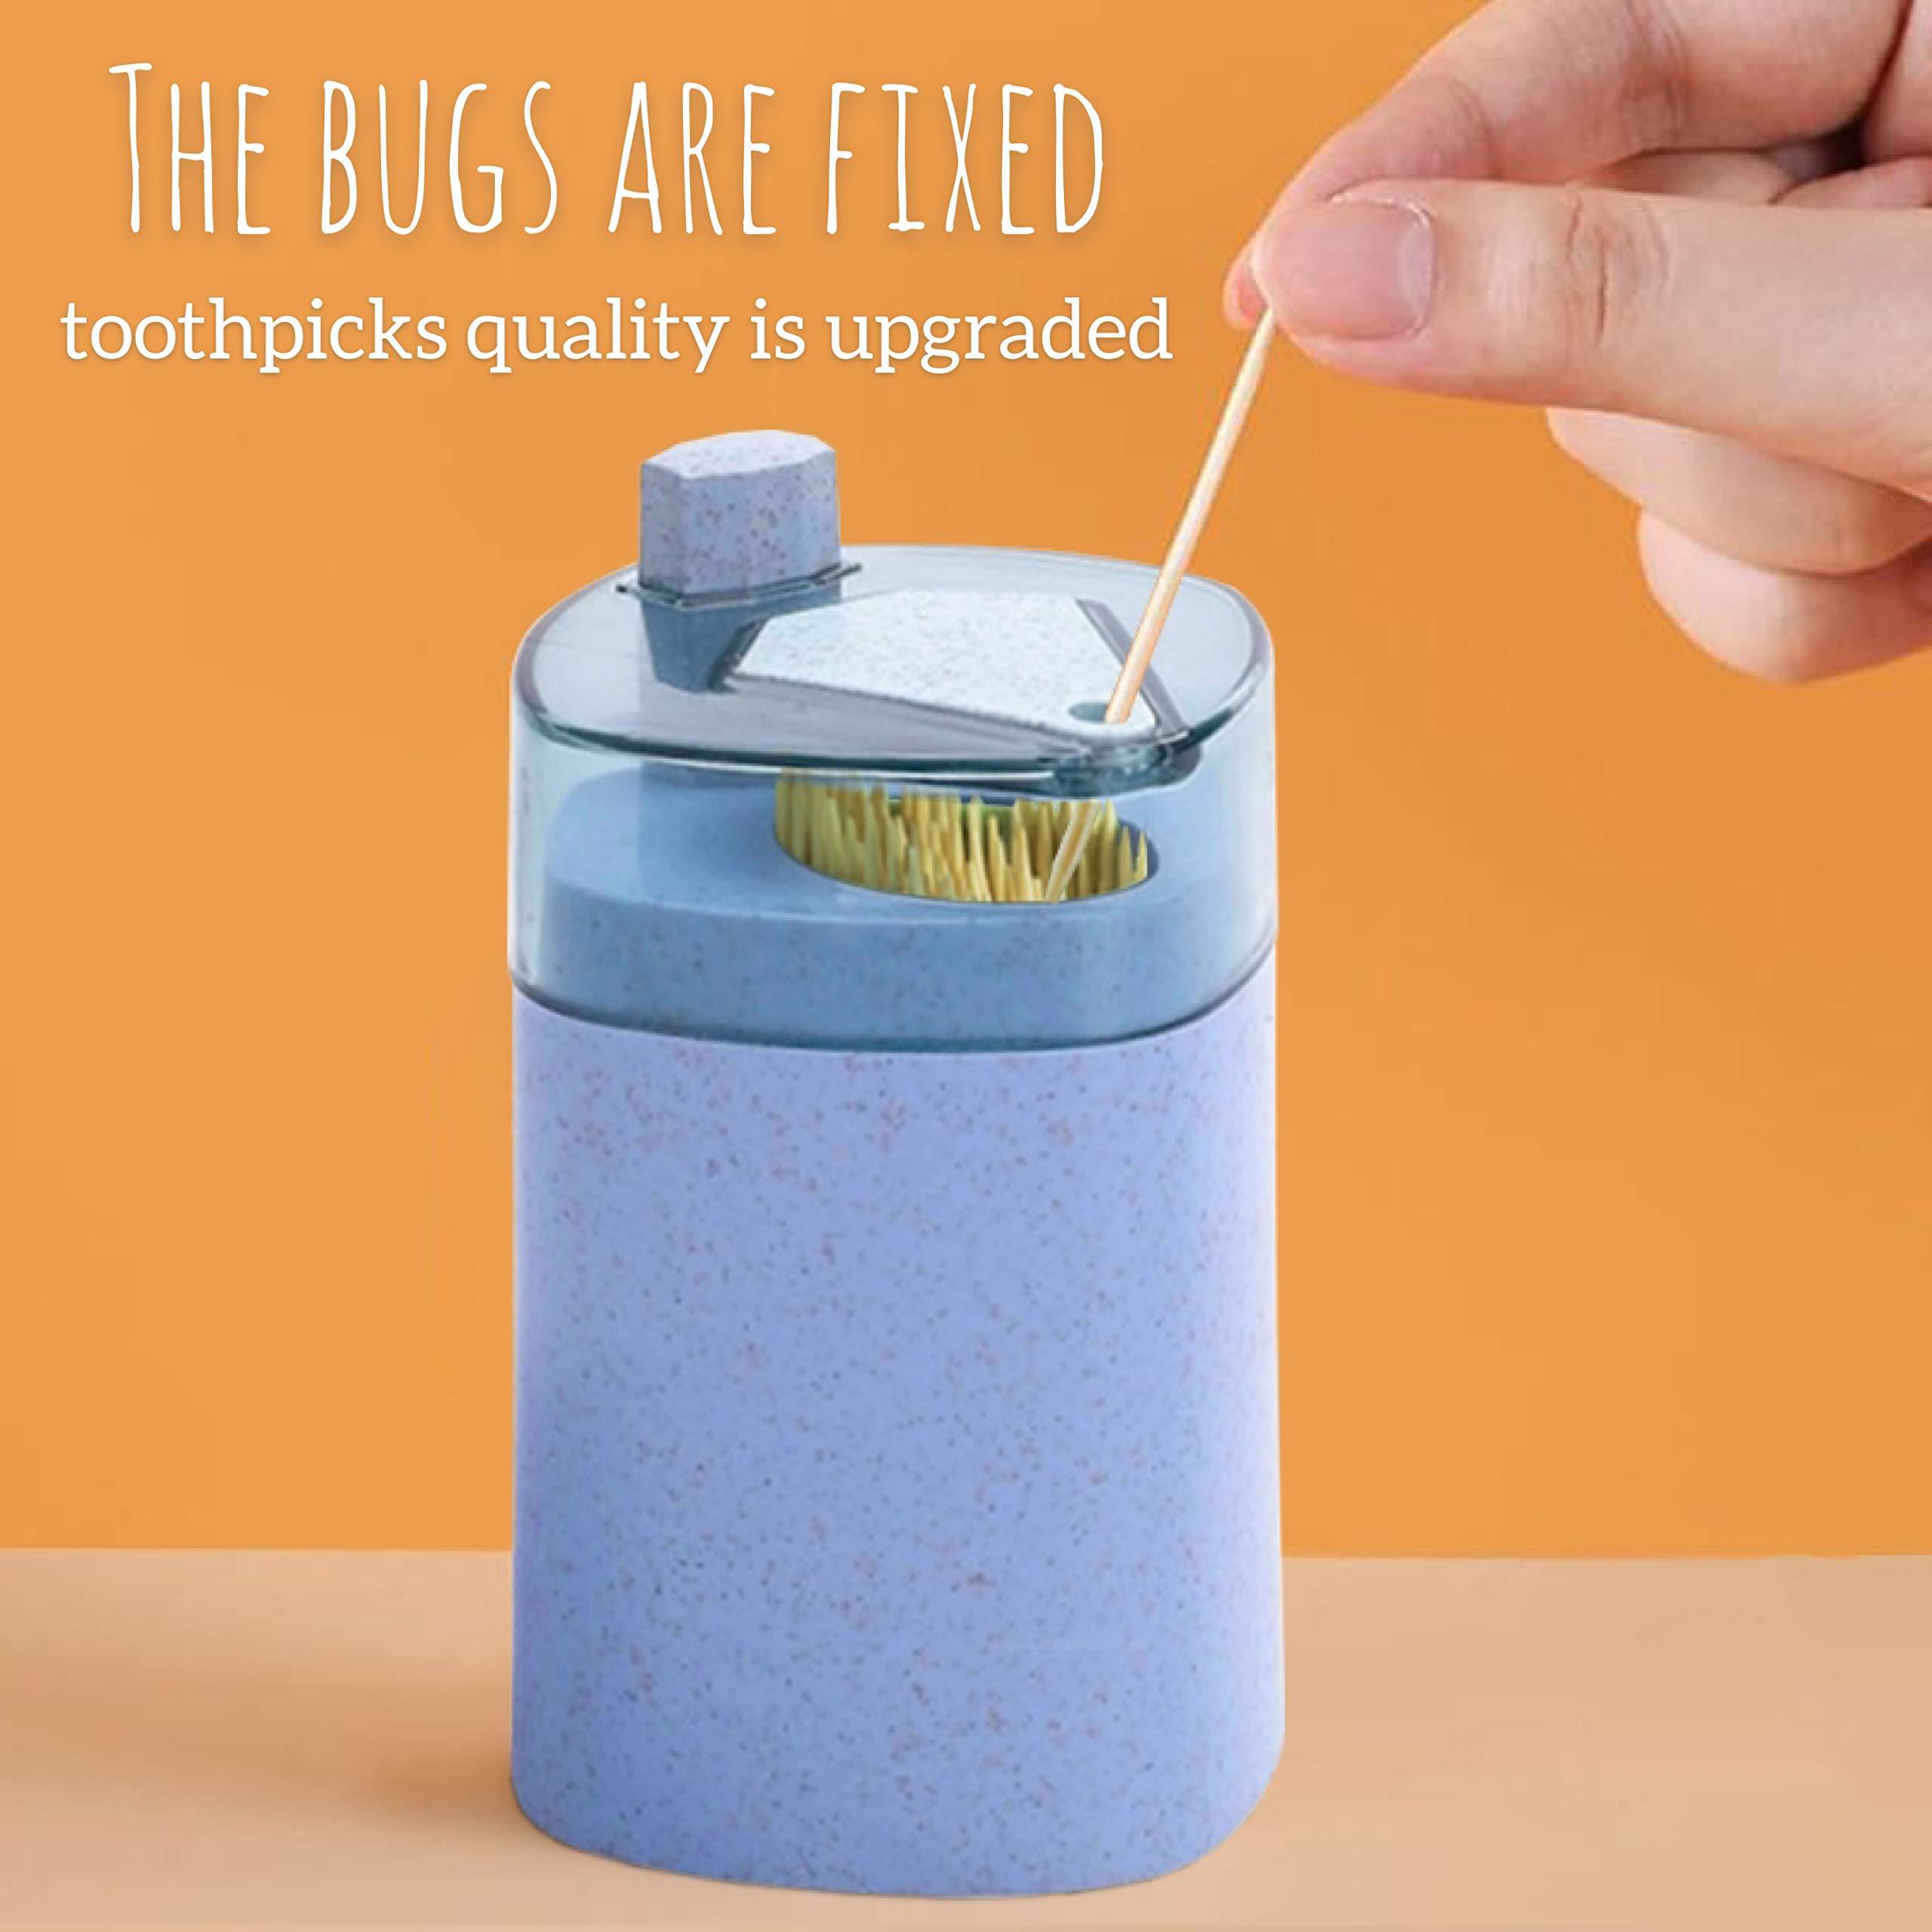 Zahnstocherspender f/ür K/üchenzubeh/ör f/ür das Restaurant zu Hause NIONE 2PCS QuickPick Automatic Toothpick Box Pop-up Zahnstocherhalter Grau